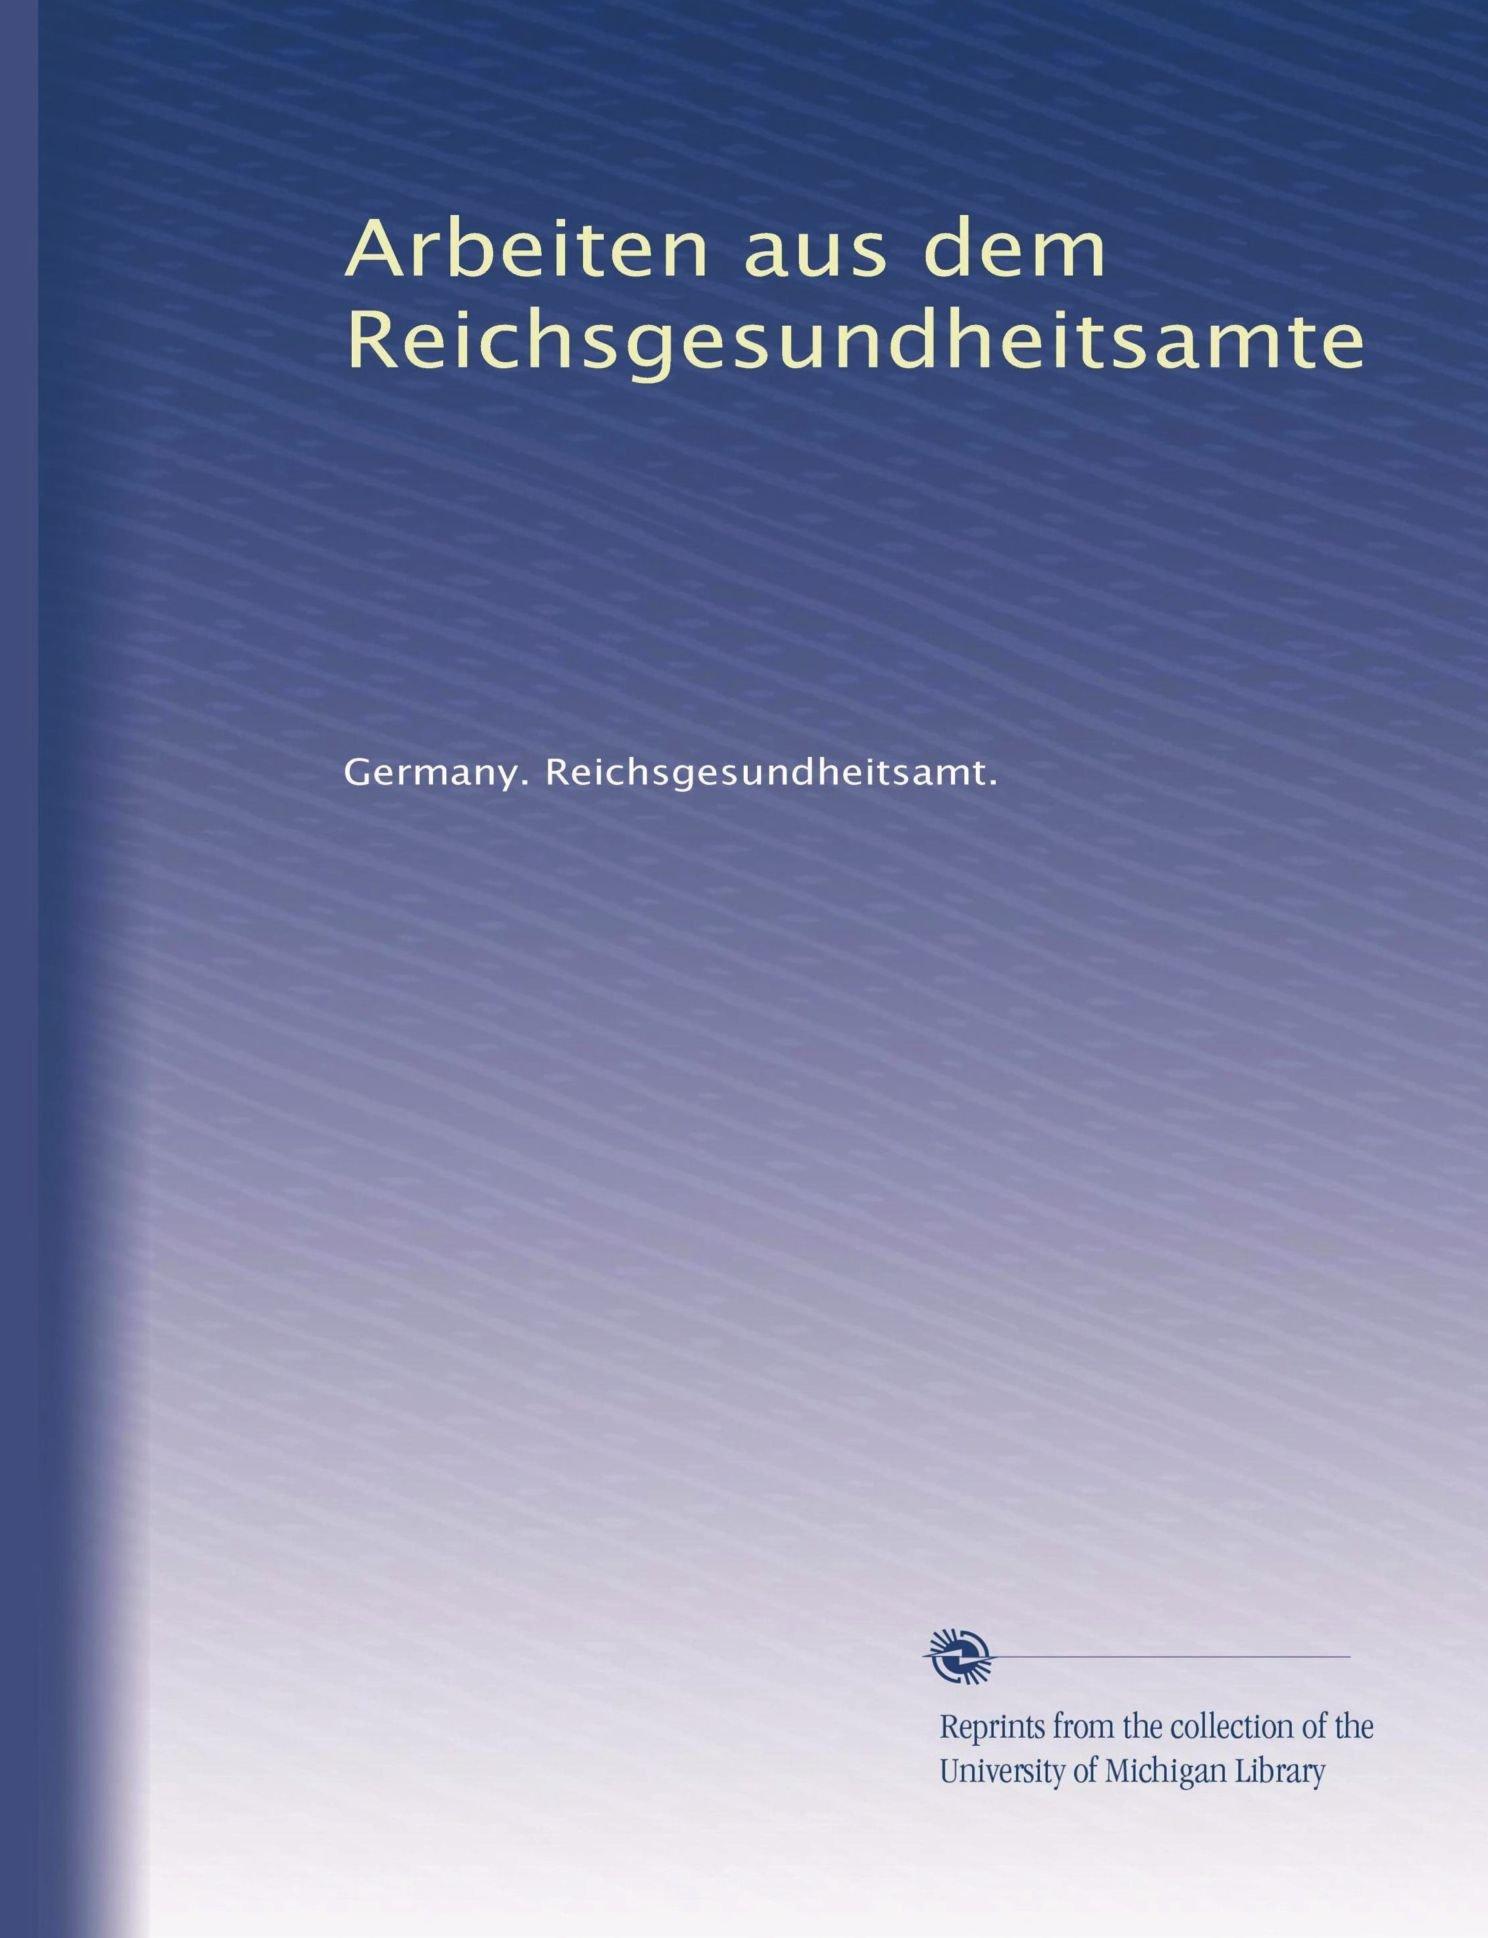 Download Arbeiten aus dem Reichsgesundheitsamte (Volume 46) (German Edition) PDF